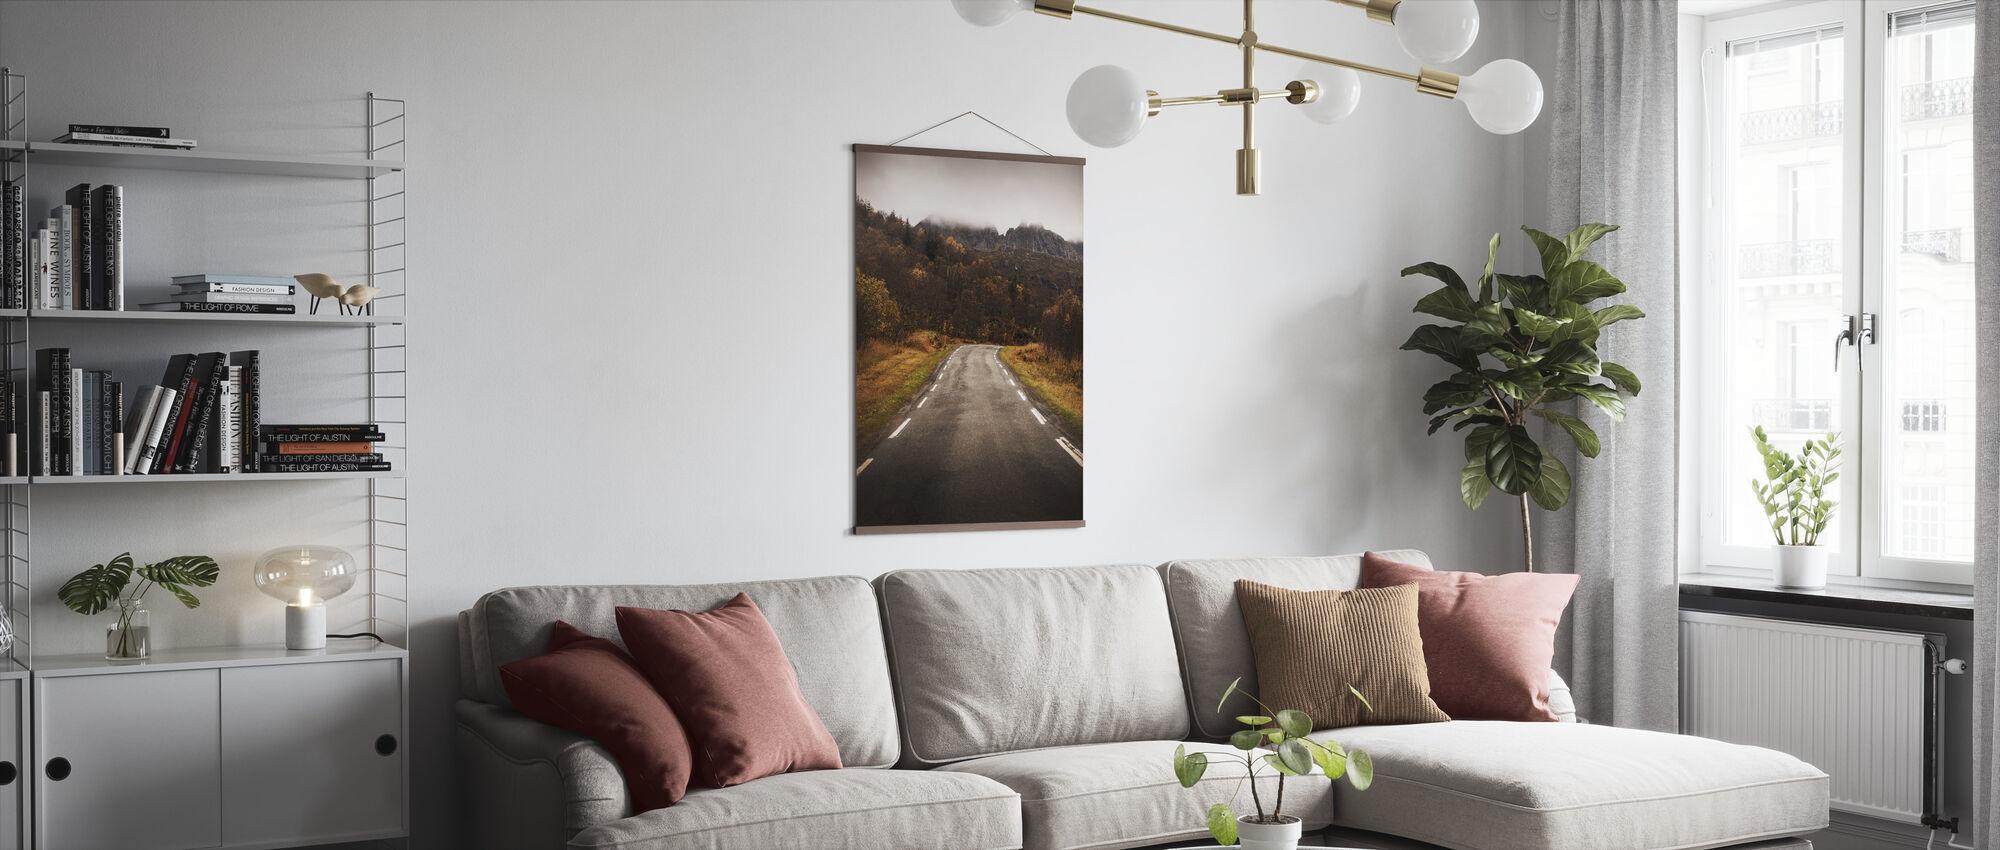 Senja Rural Road - Plakat - Stue